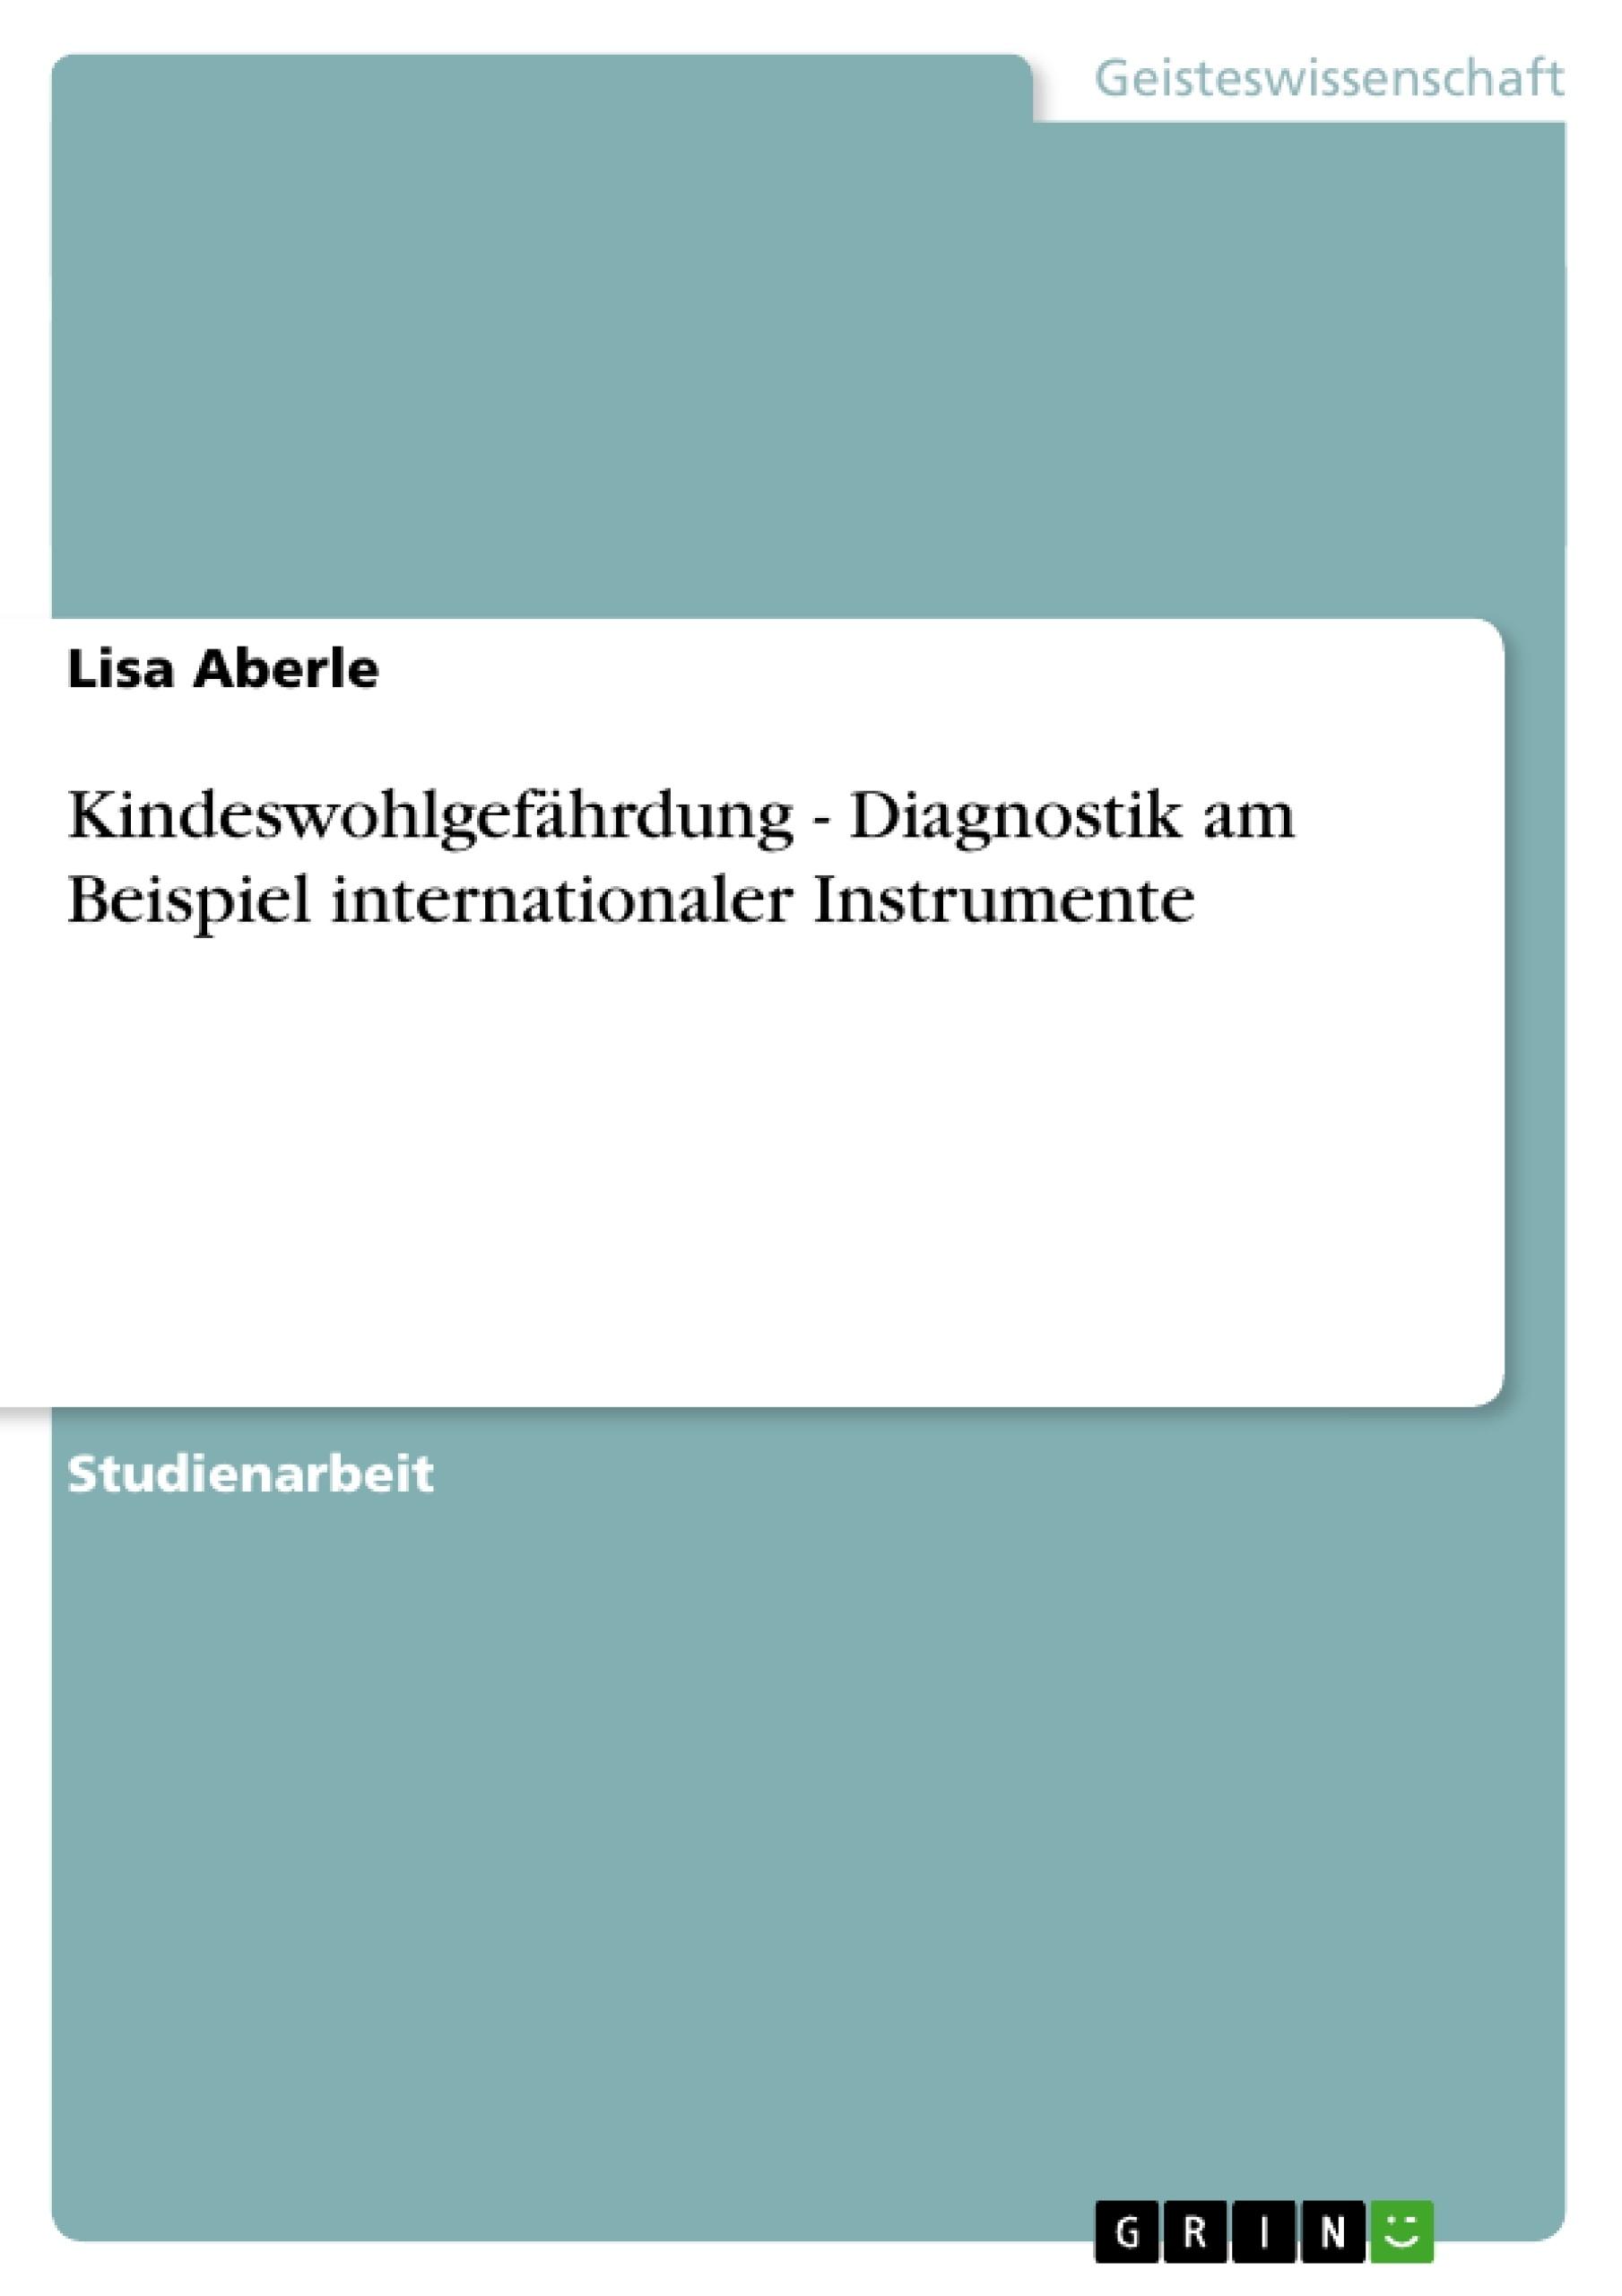 Titel: Kindeswohlgefährdung - Diagnostik am Beispiel internationaler Instrumente